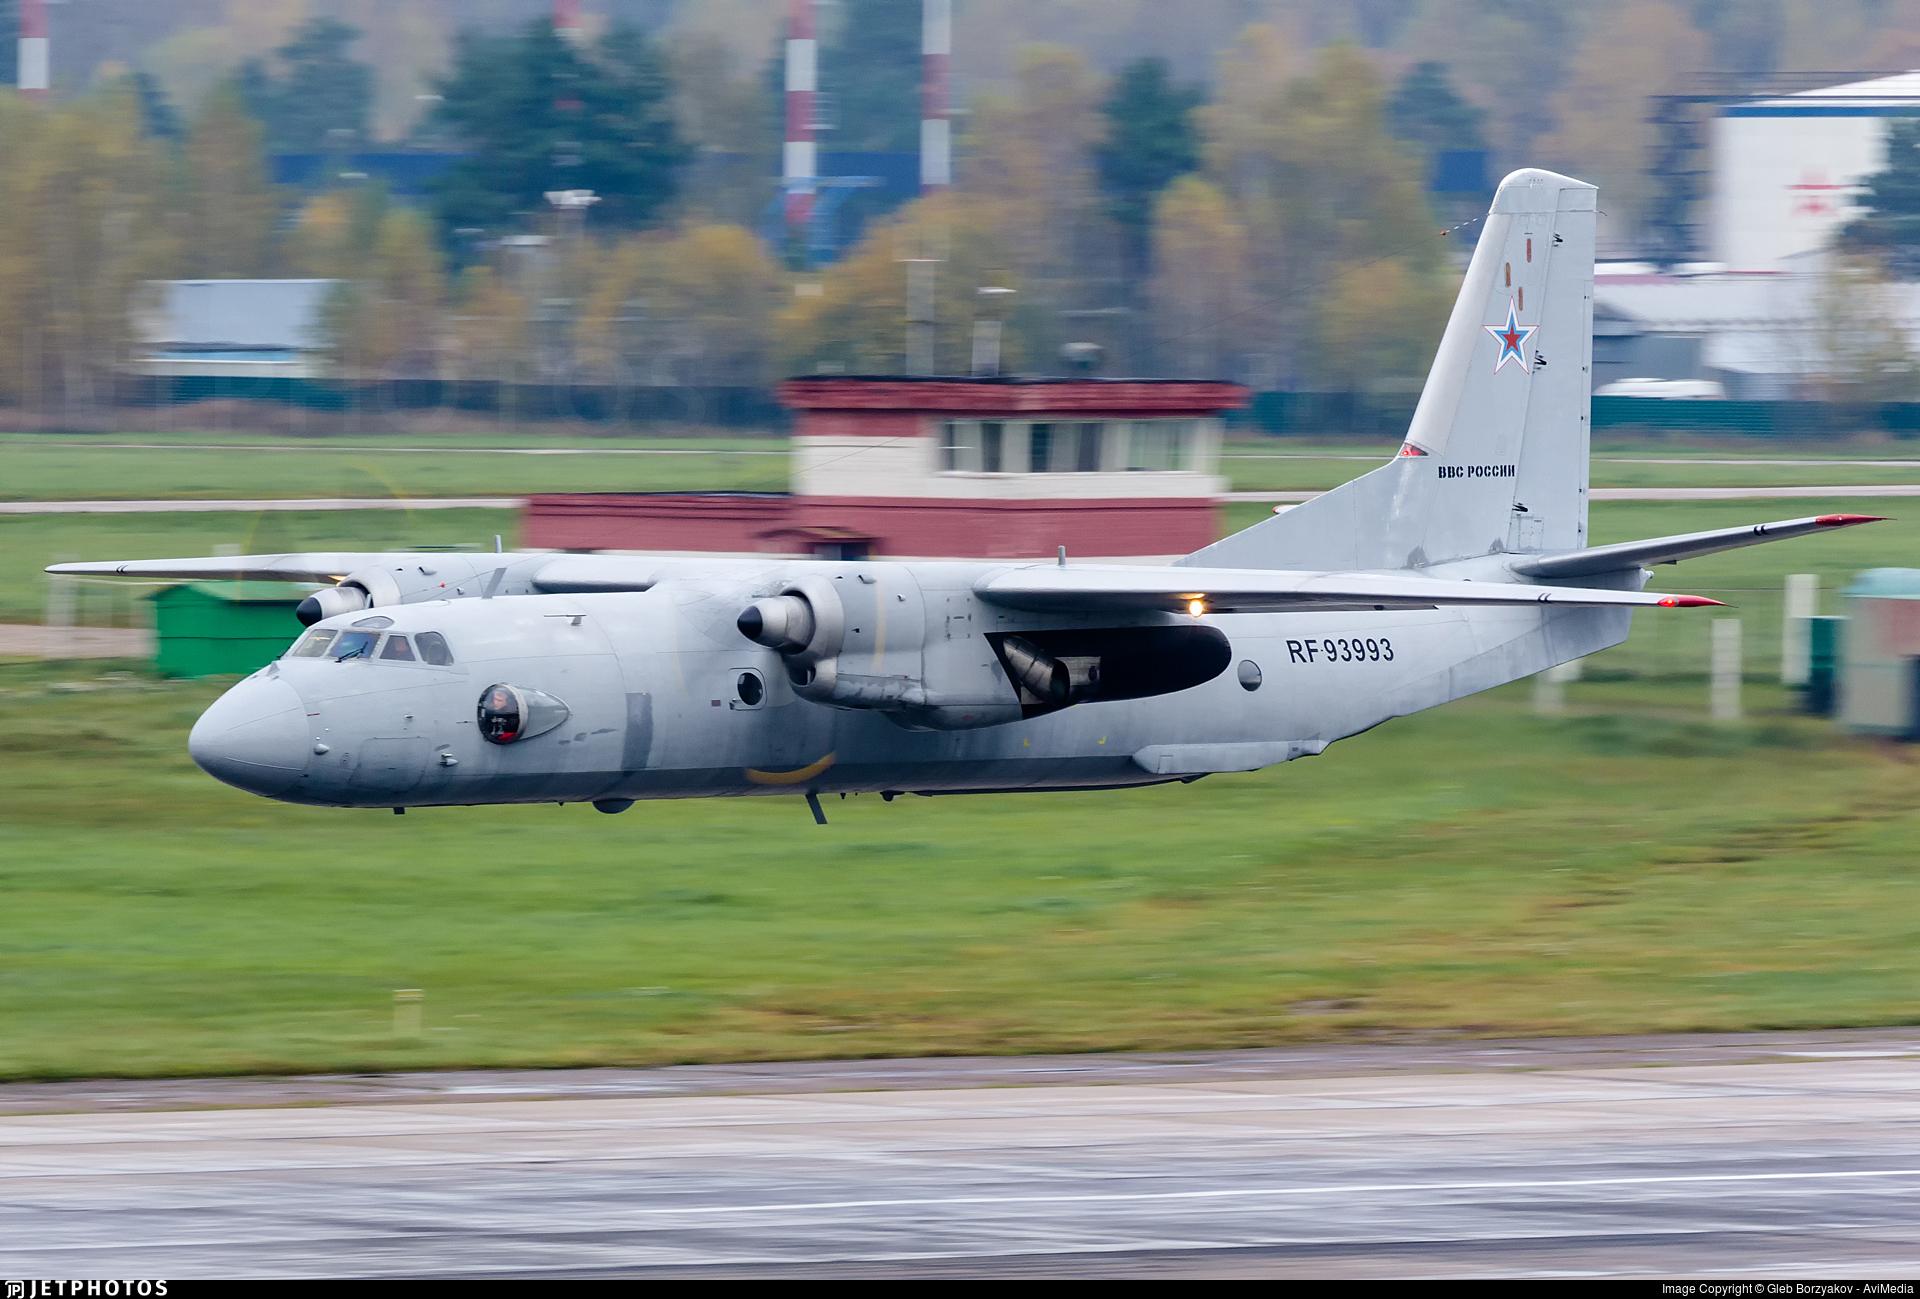 RF-93993 - Antonov An-26 - Russia - Air Force